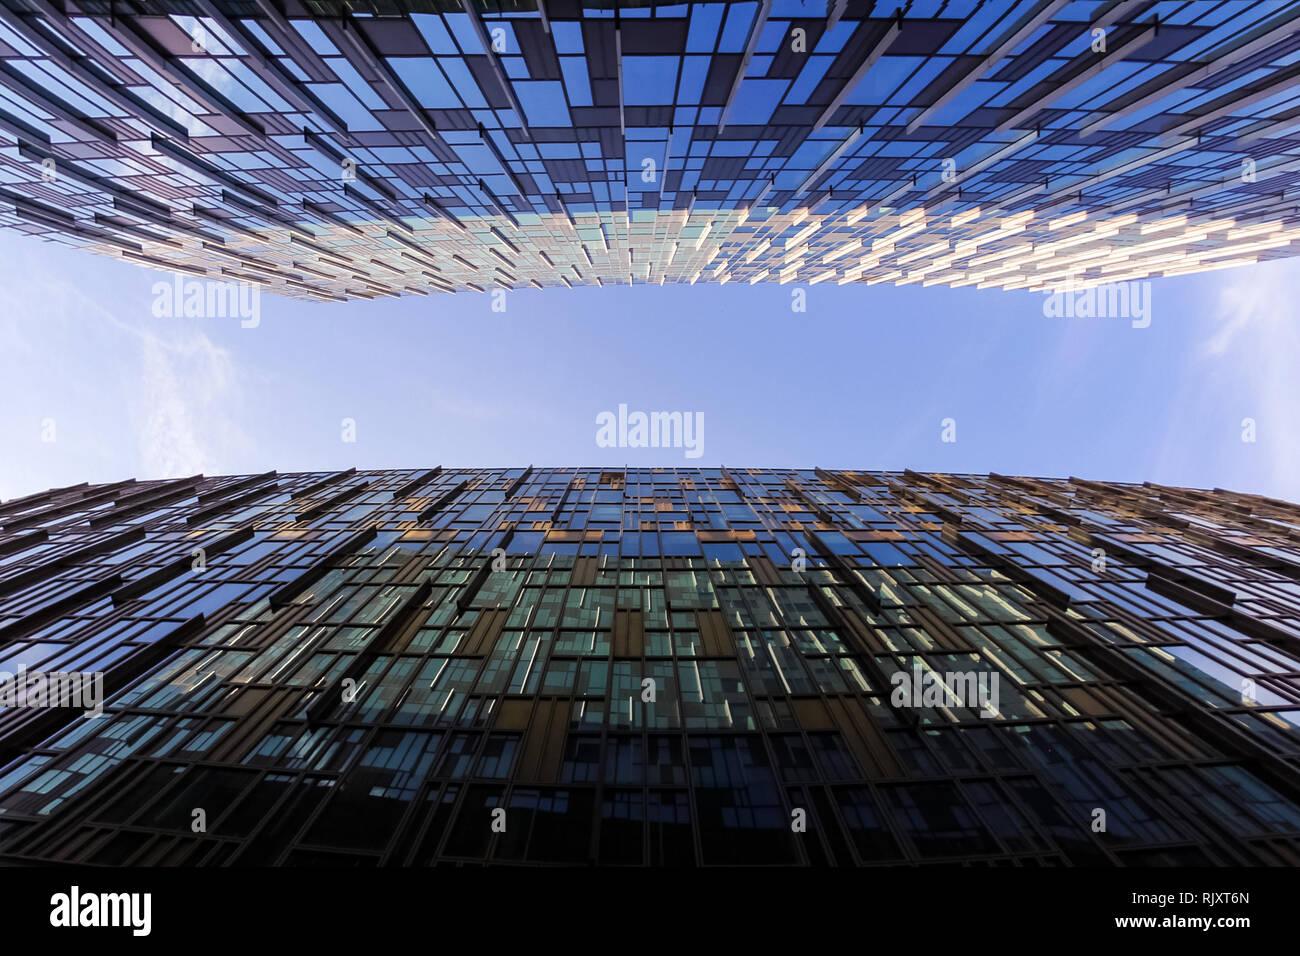 Jusqu'à entre deux gratte-ciel moderne des affaires, les bâtiments de grande hauteur, l'architecture sensibilisation pour le ciel, le soleil. Des concepts, de l'économie financière Photo Stock